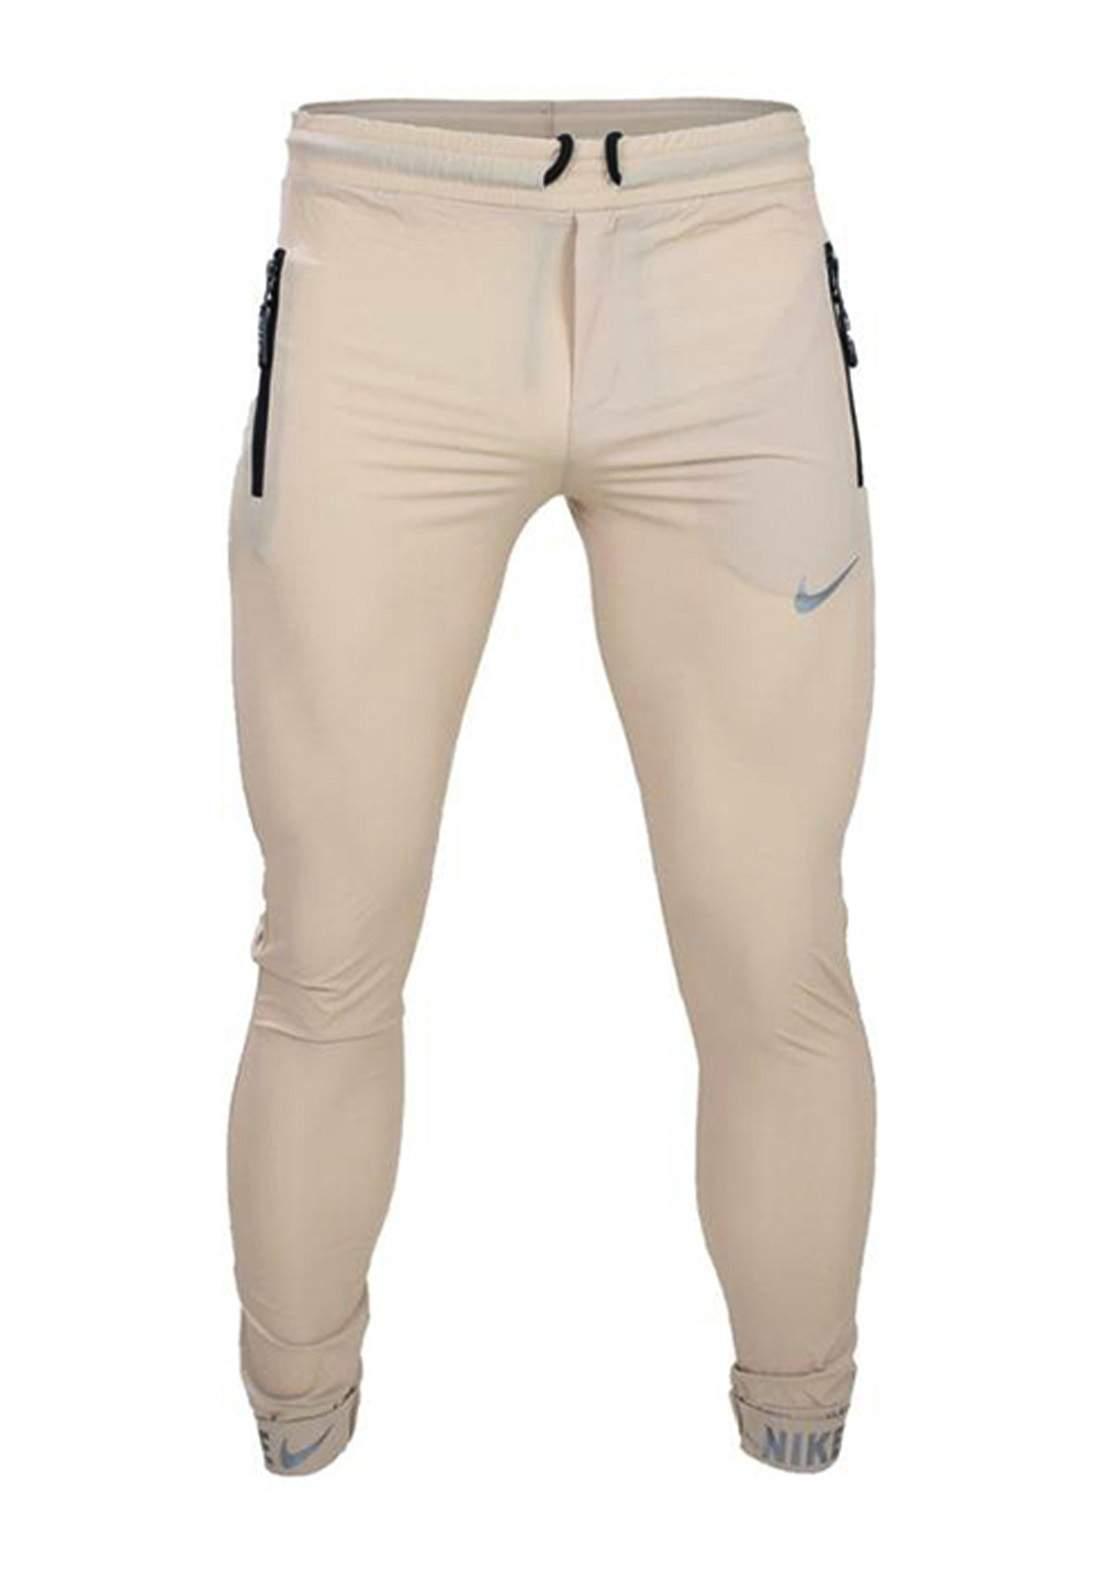 بجامة رياضية بيج أللون من Nike